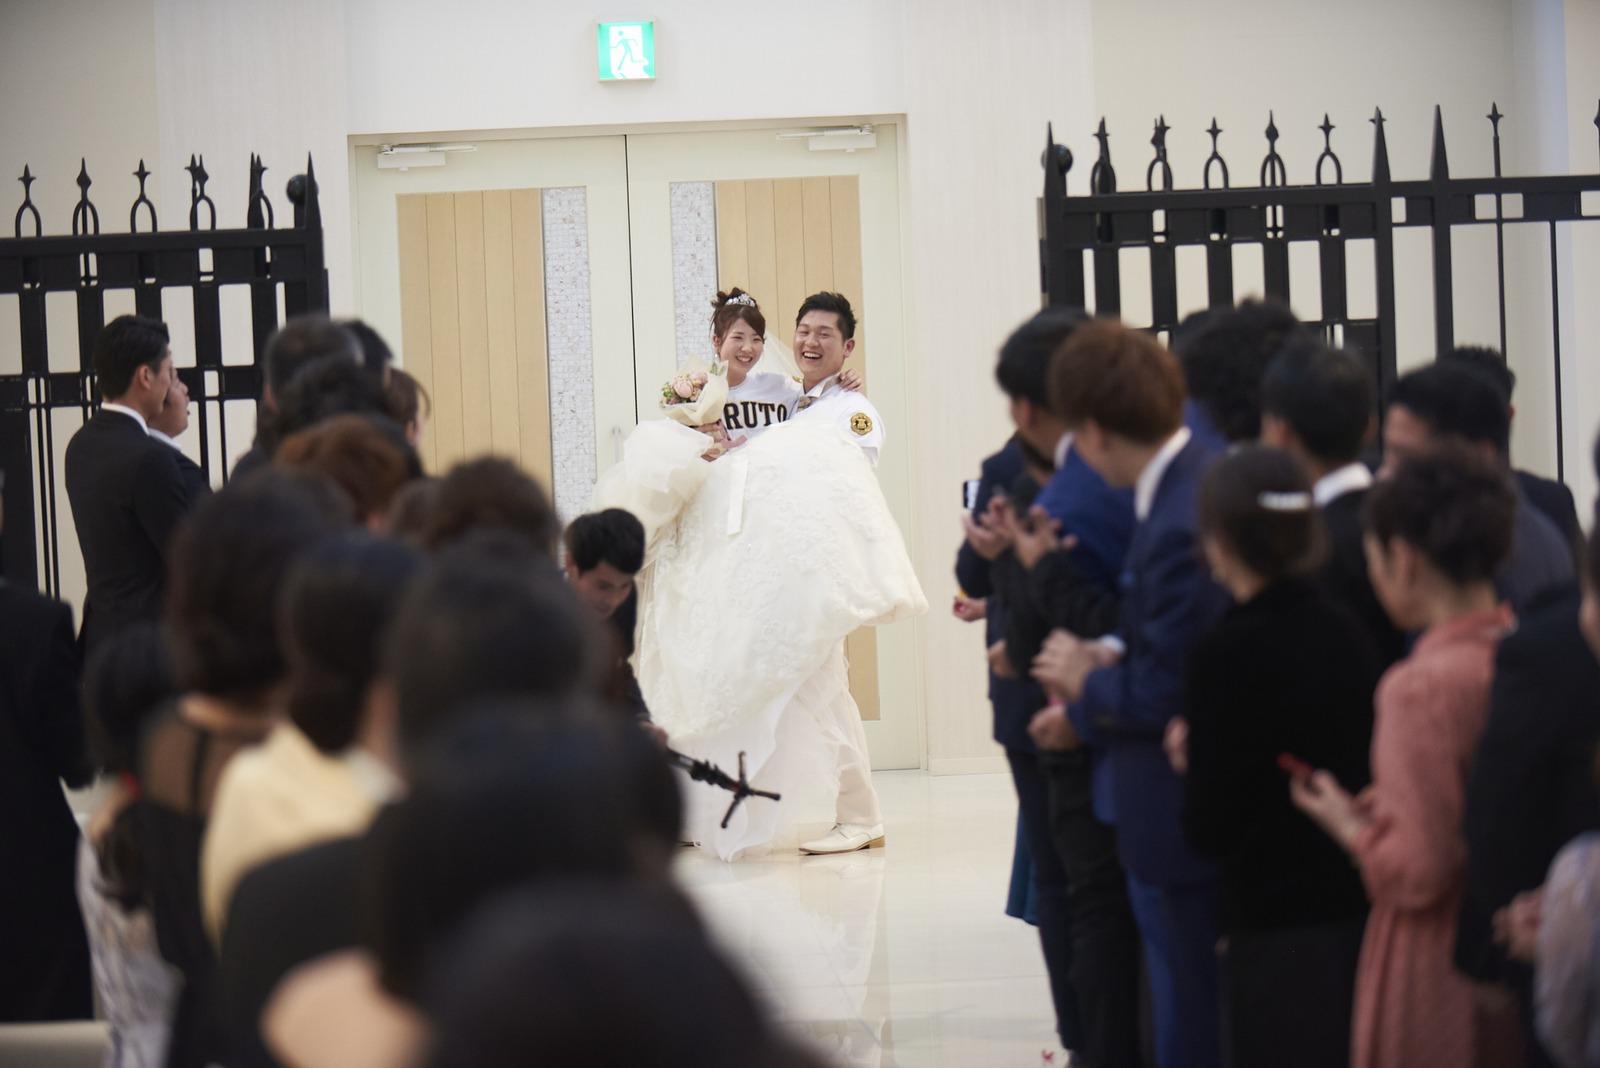 徳島市の結婚式場ブランアンジュでお姫様抱っこで登場した新郎新婦様